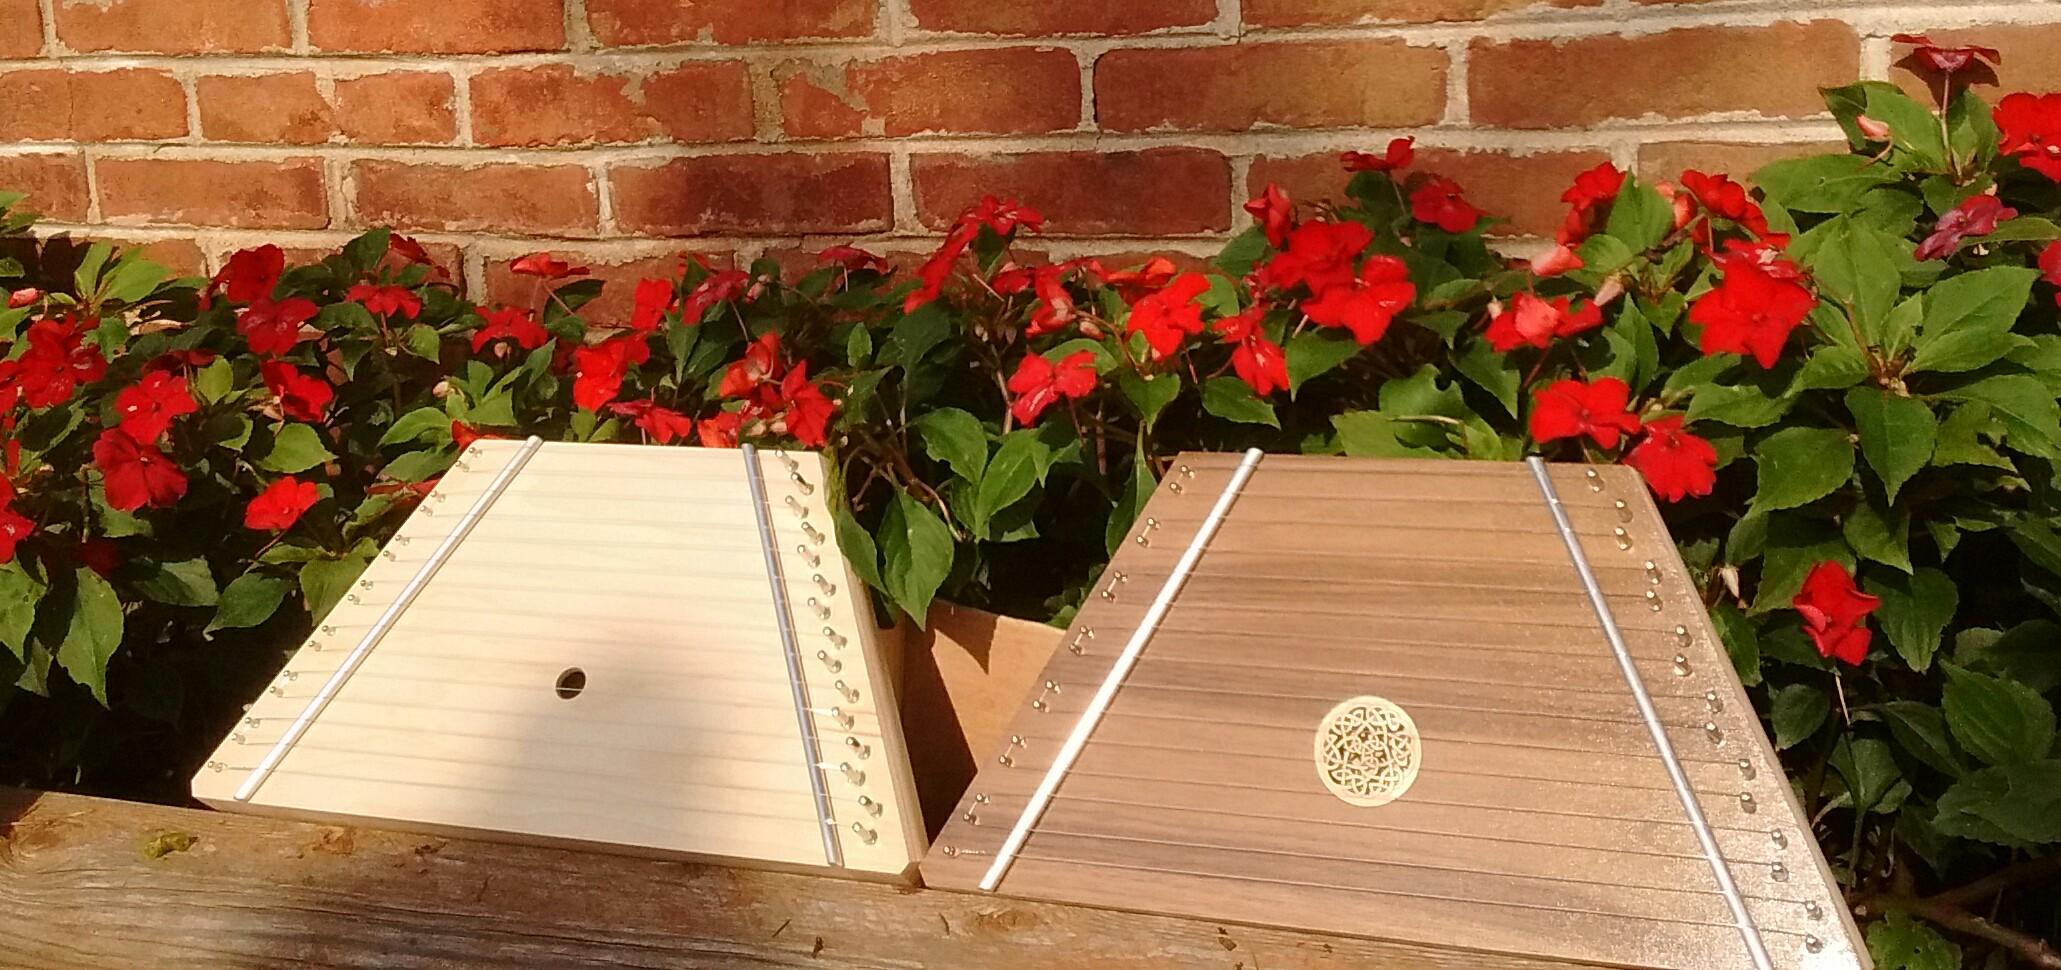 Lap Harps made by TK O'Brien of North Carolina